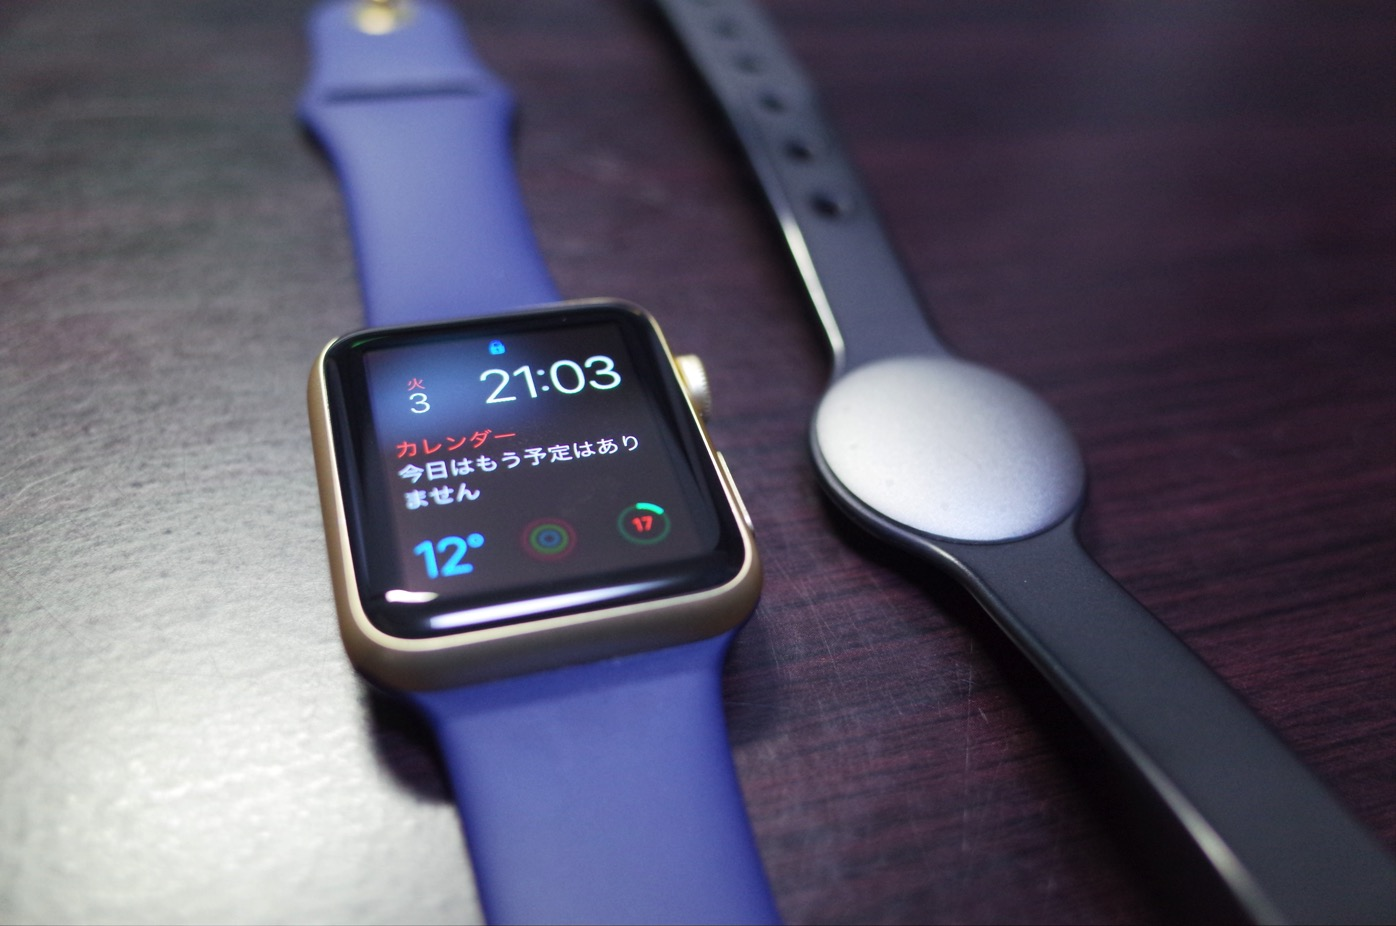 [Apple]「Apple Watch」があるのに「Misfit Shine アクティビティモニター」を装着し続ける理由